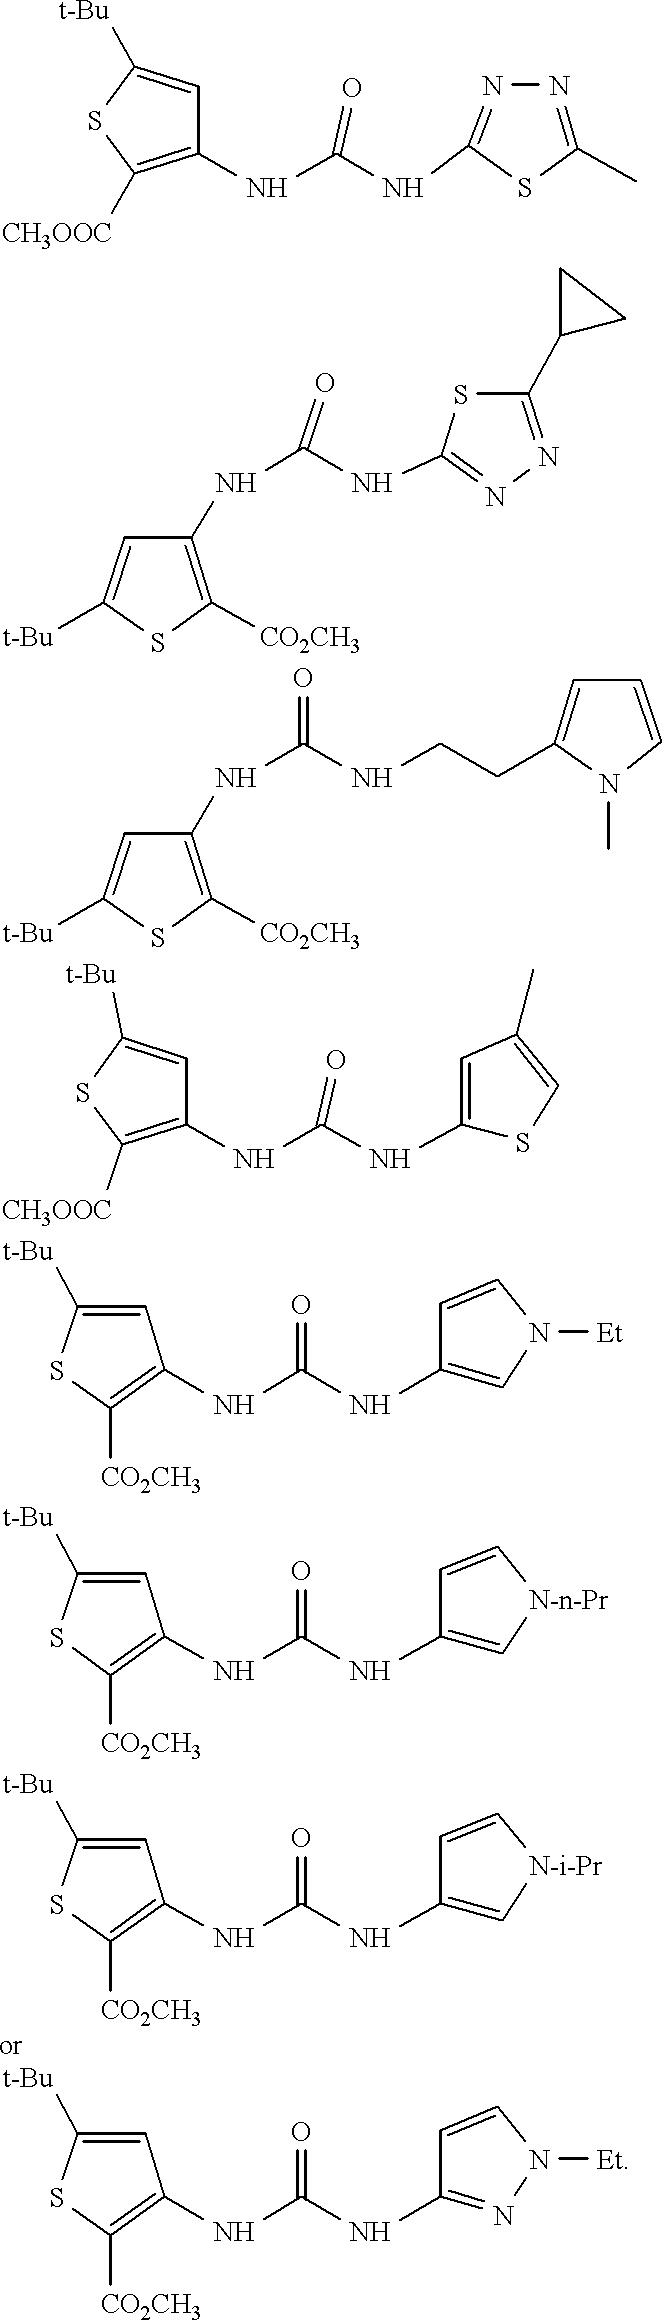 Figure US06187799-20010213-C00055